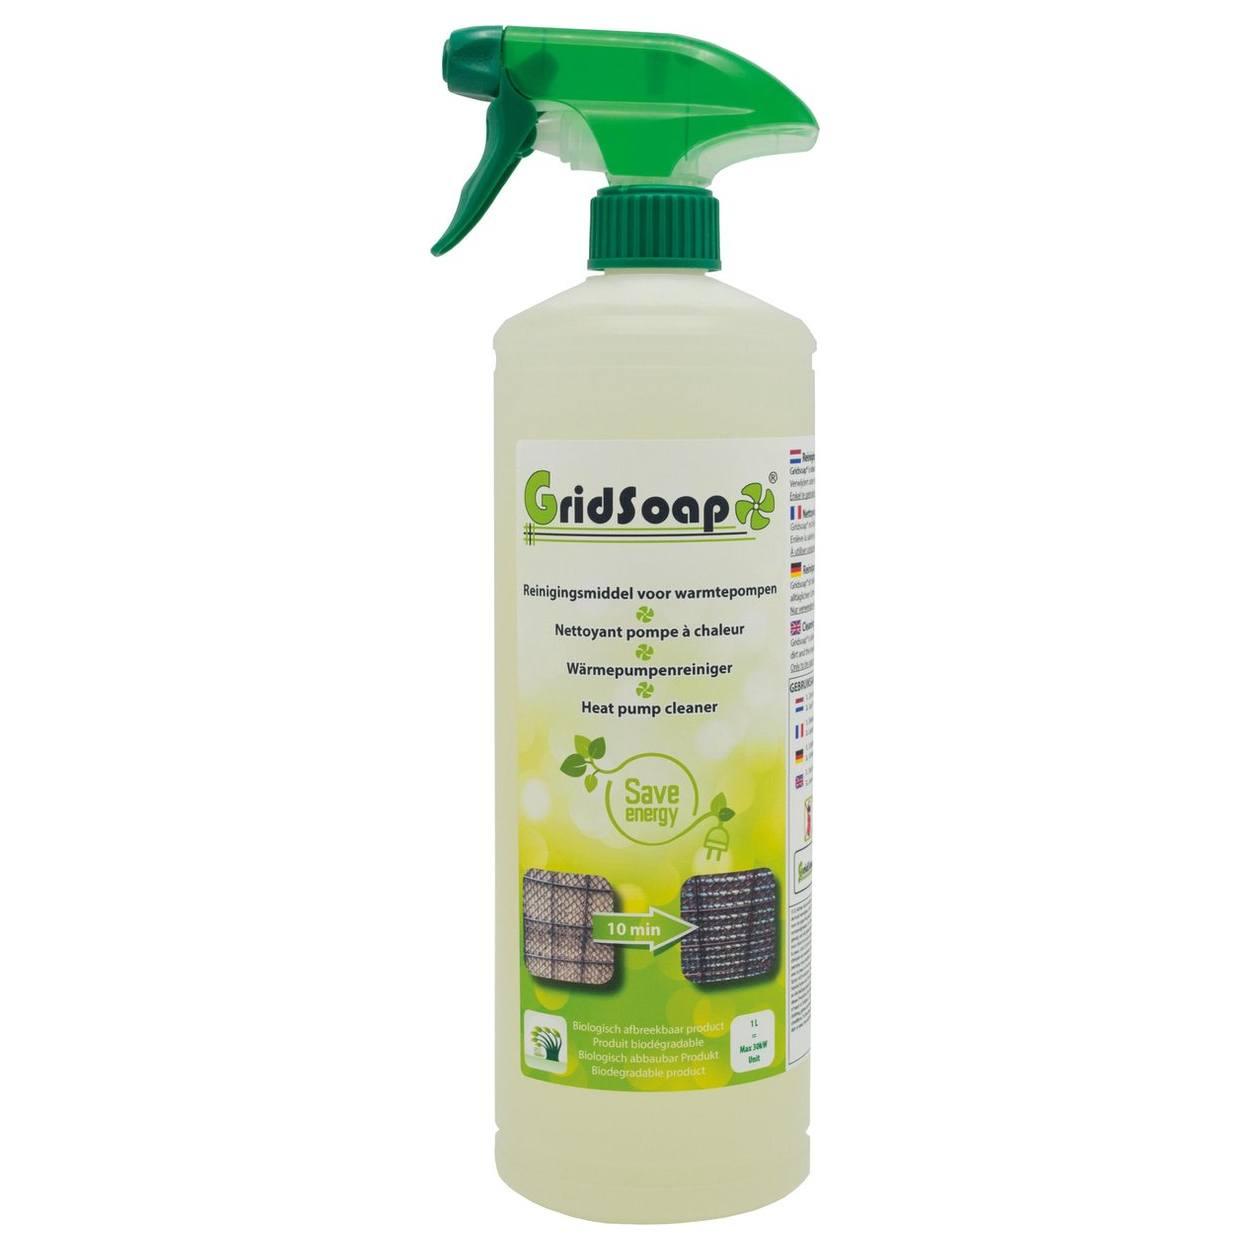 Grielzeep – Reinigingsmiddel voor warmtepompen – 1L